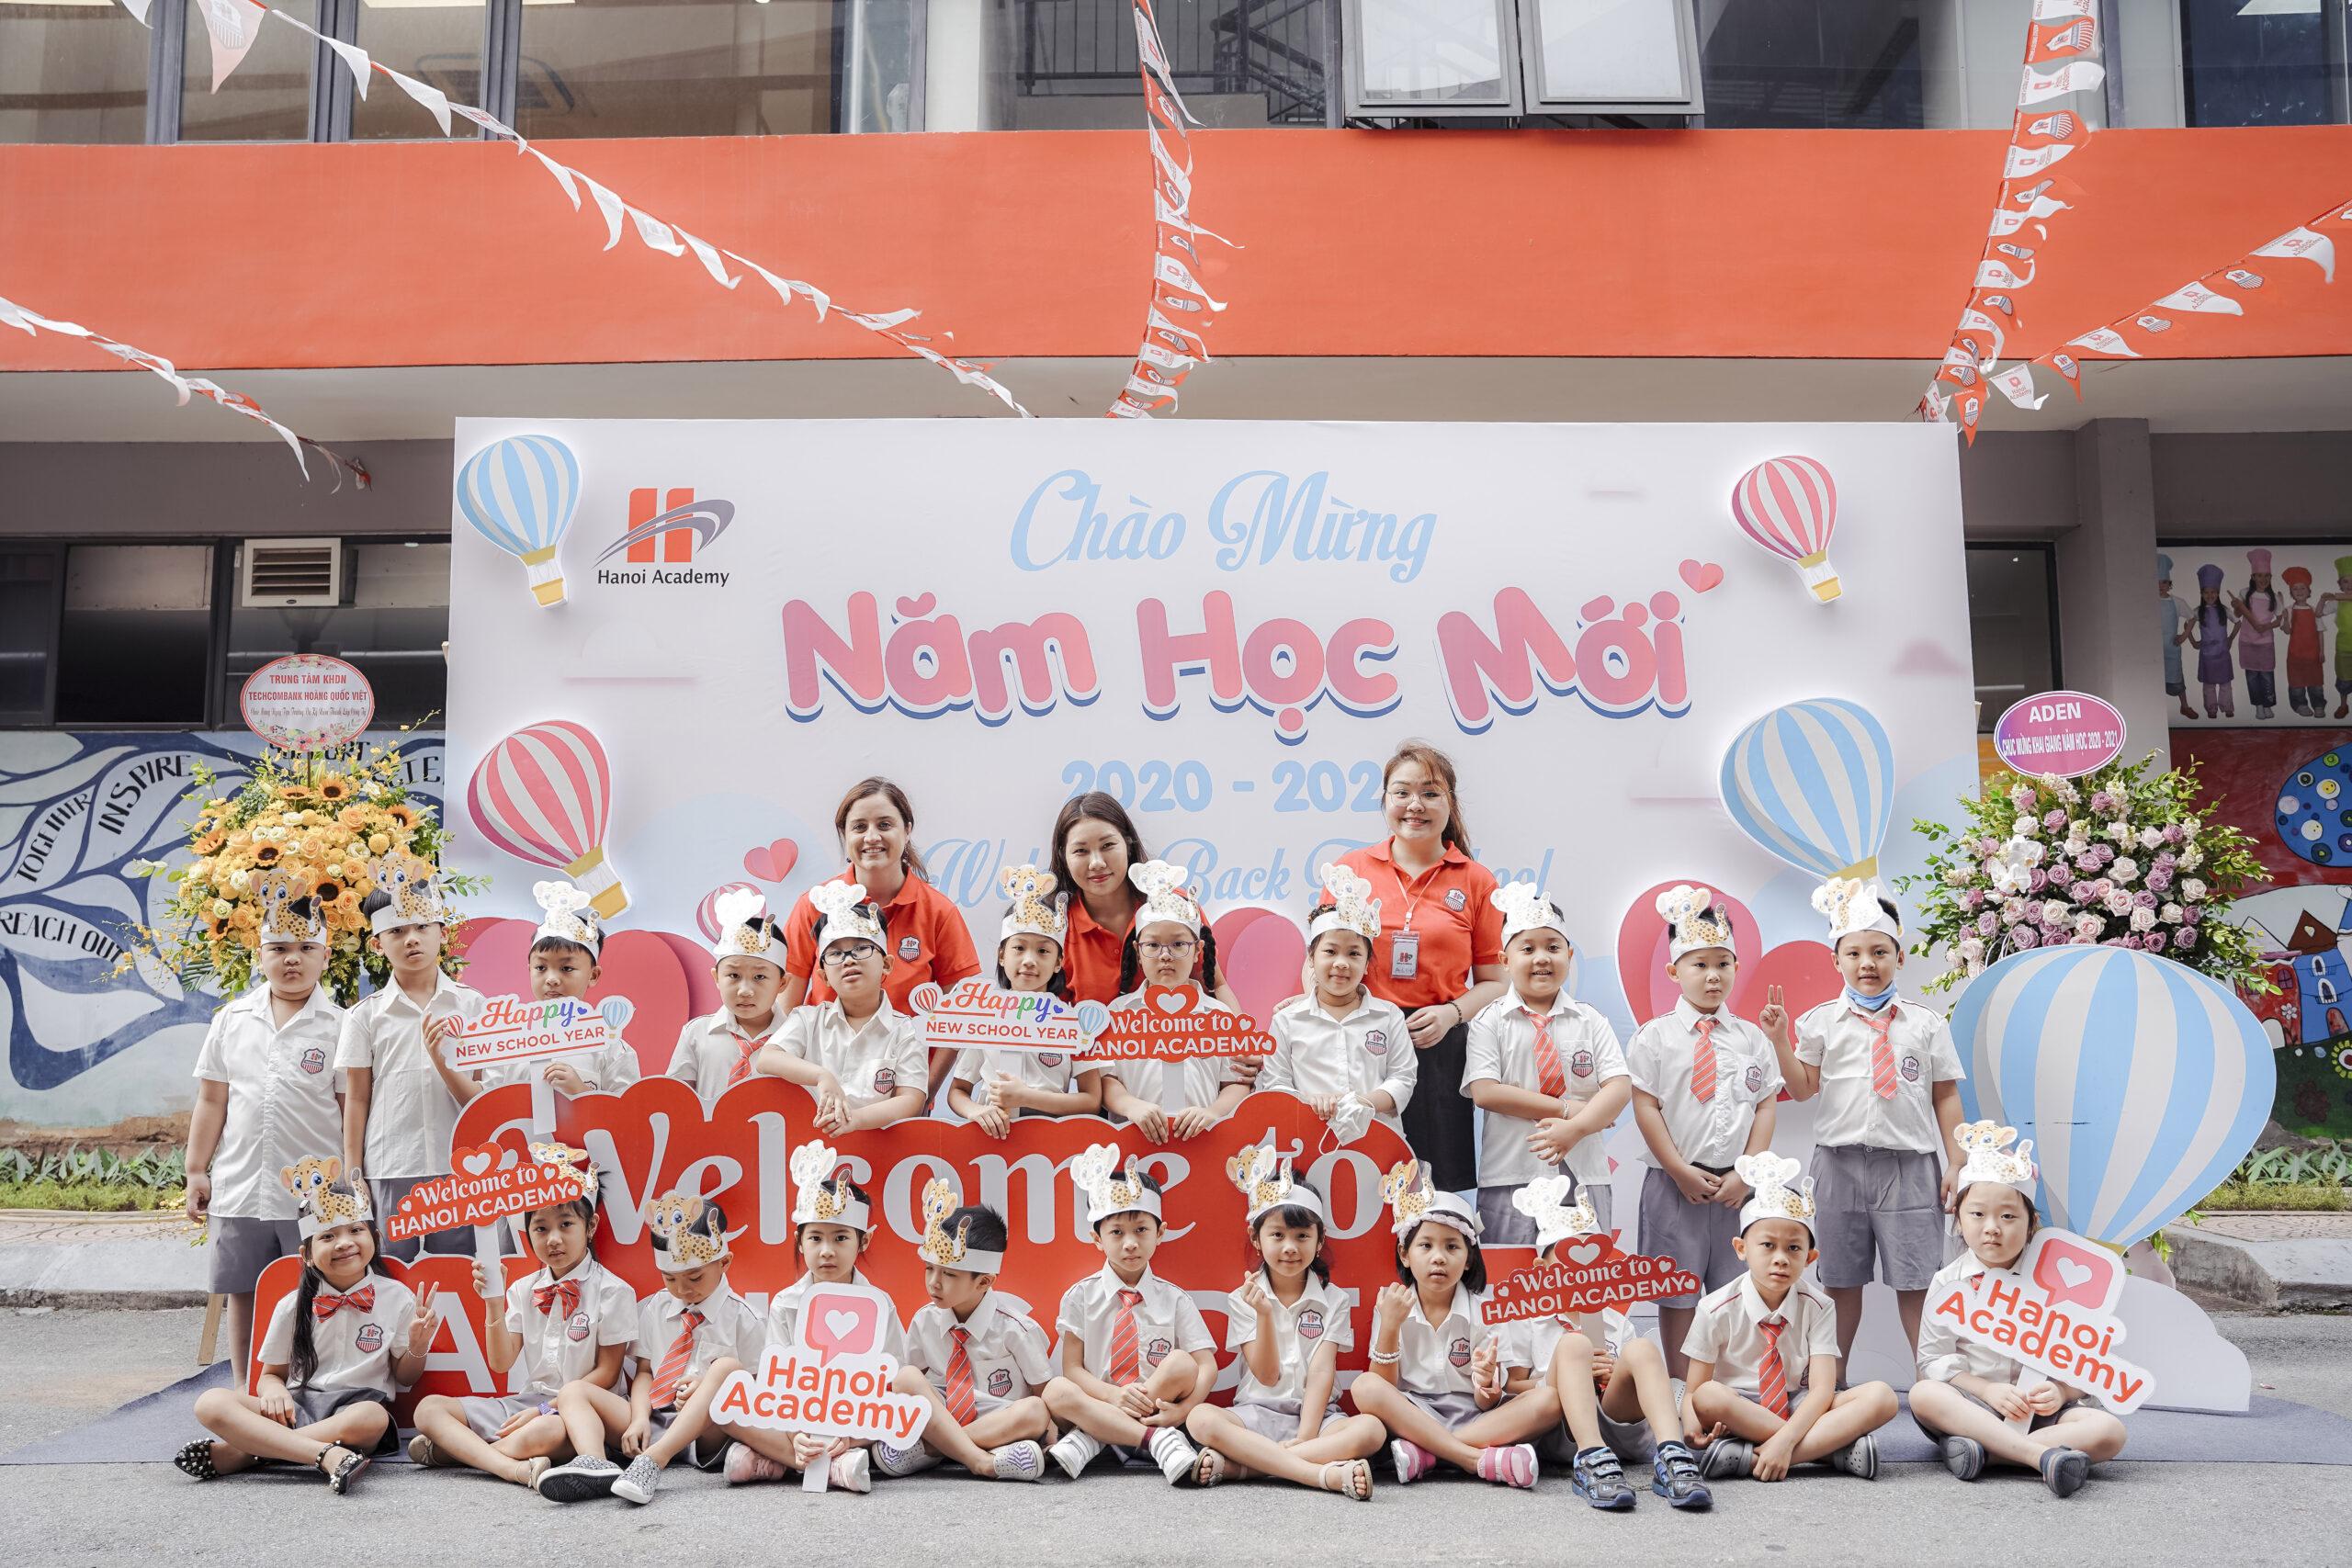 Ngắm nhìn những hình ảnh đẹp ngày tựu trường tại Hanoi Academy